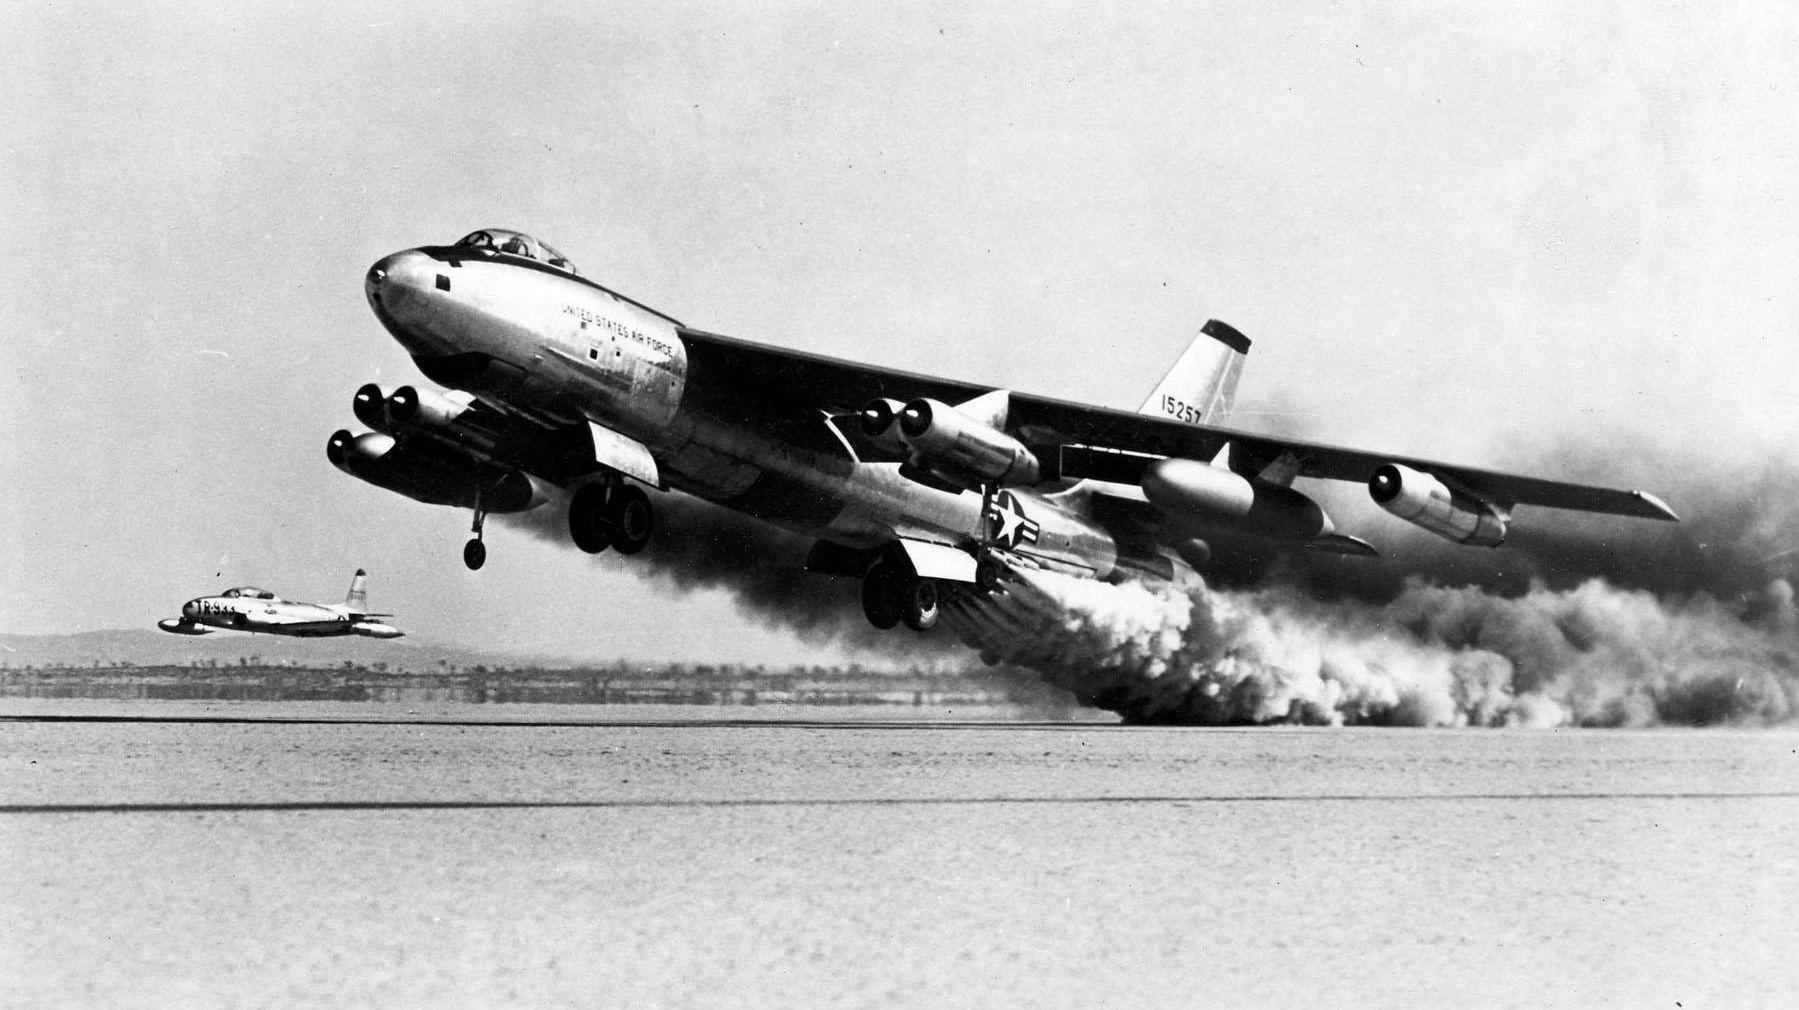 STRATOJET: B-47 Stratojet var et amerikansk bombefly utviklet av Boeing på slutten av 1940-tallet. Det var et slikt fly som slapp lasten - deriblant en hydrogenbombe på 3,5 tonn - som aldri er gjenfunnet.